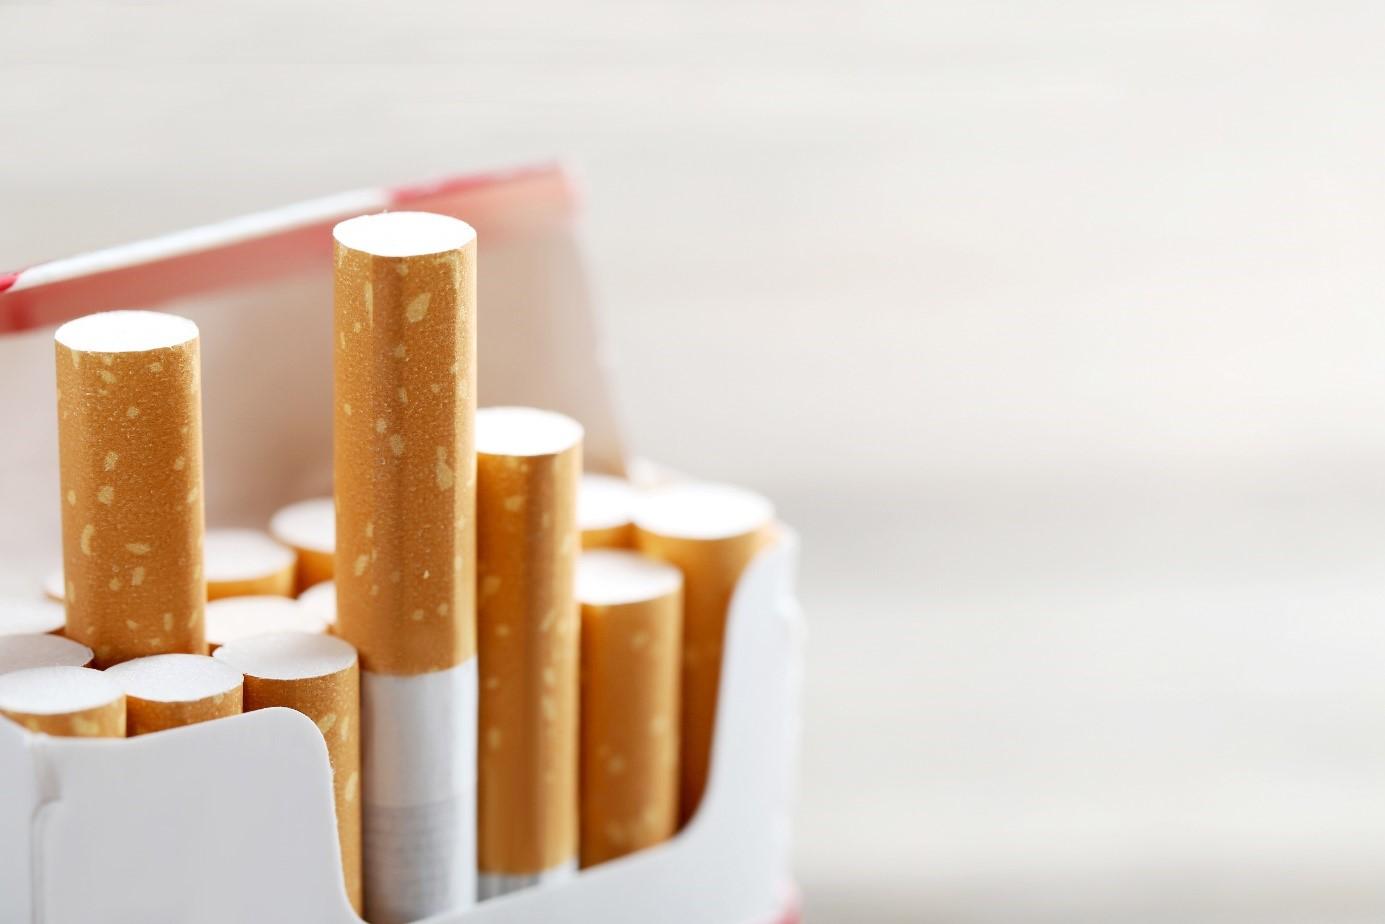 Menthol-Verbot 2020 für Menthol-Zigaretten